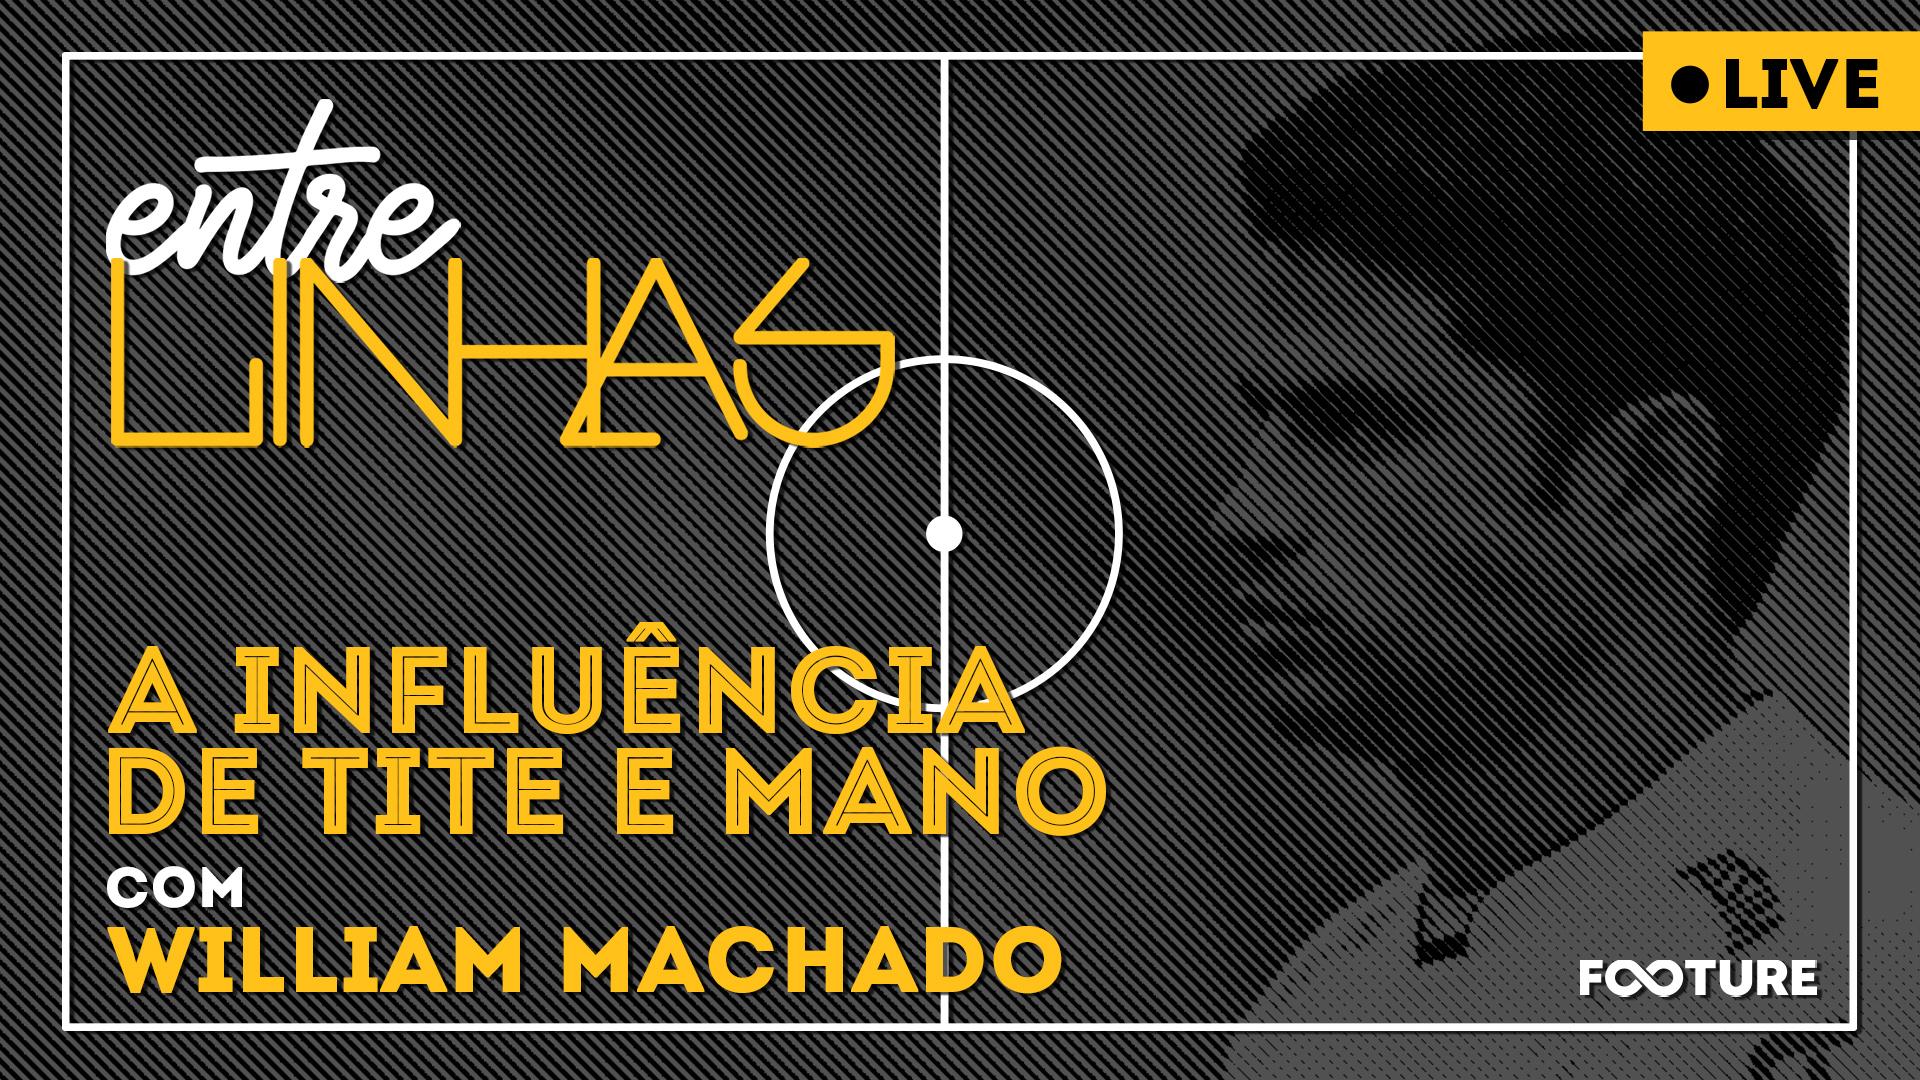 Entrelinhas #47 | A influência de Tite e Mano, com William Machado